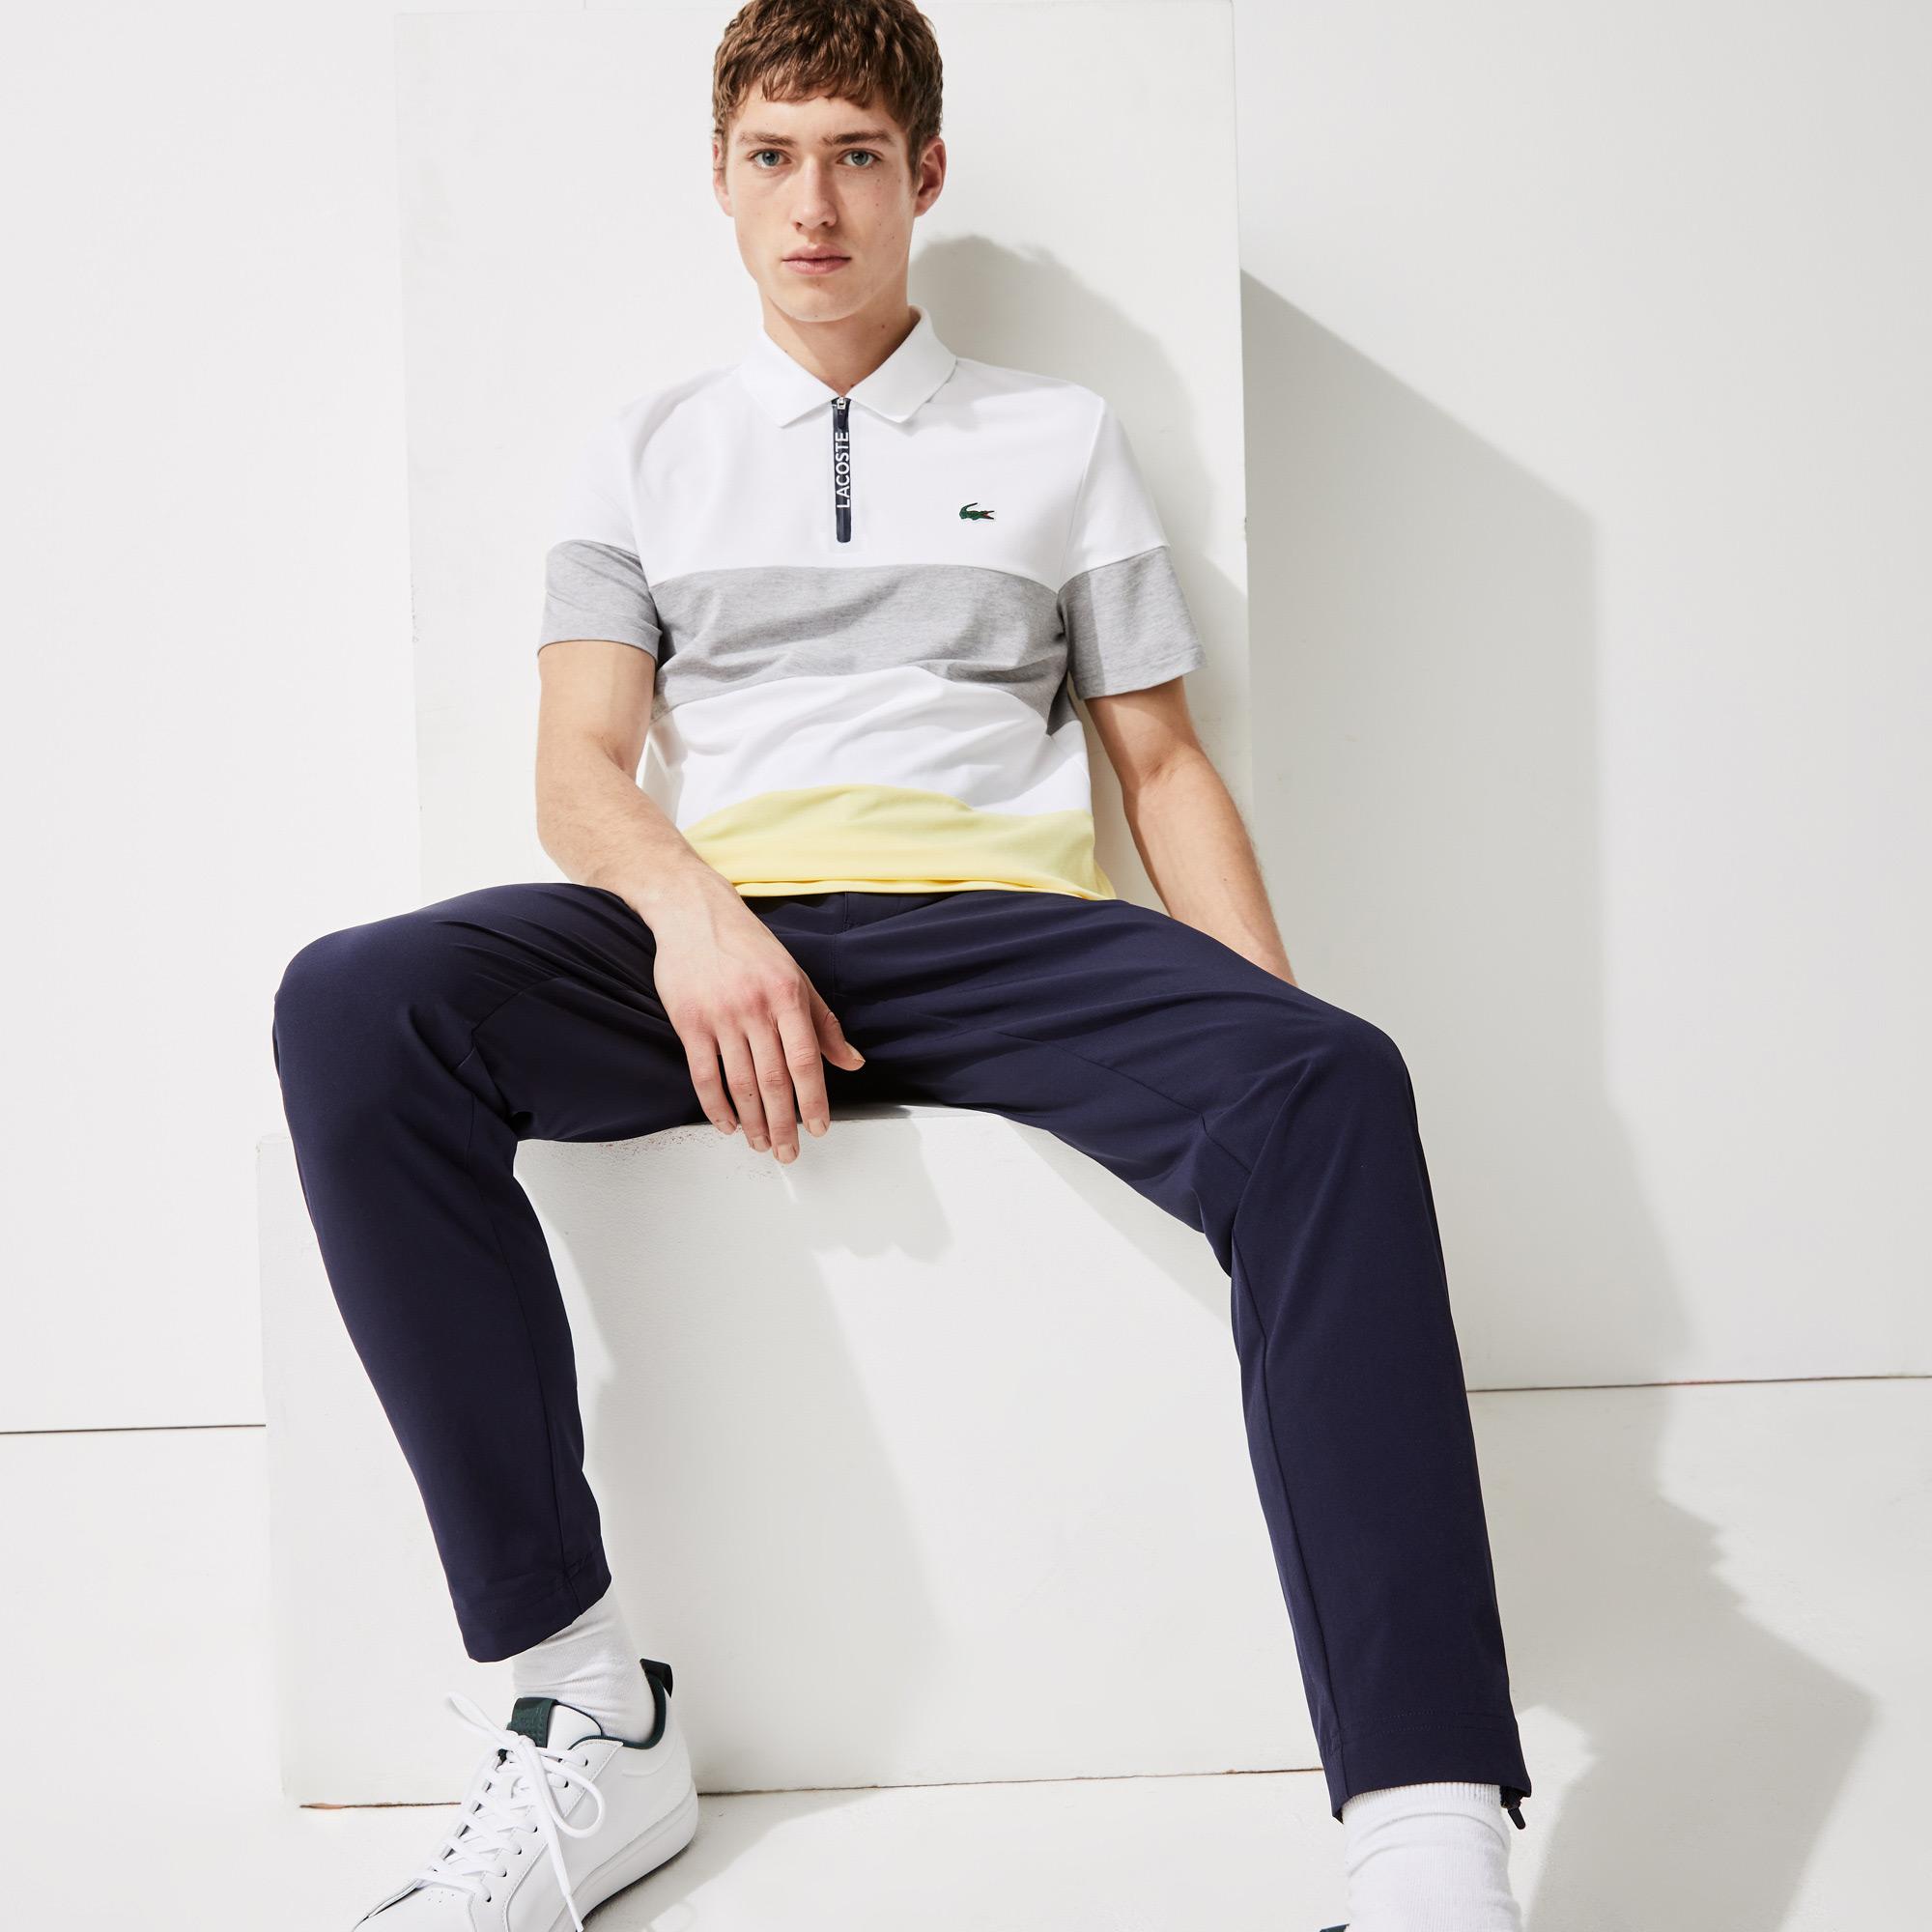 Lacoste SPORT Męska koszulka polo w paski z zamkiem błyskawicznym pod szyją z elastycznej piki do gry w golfa